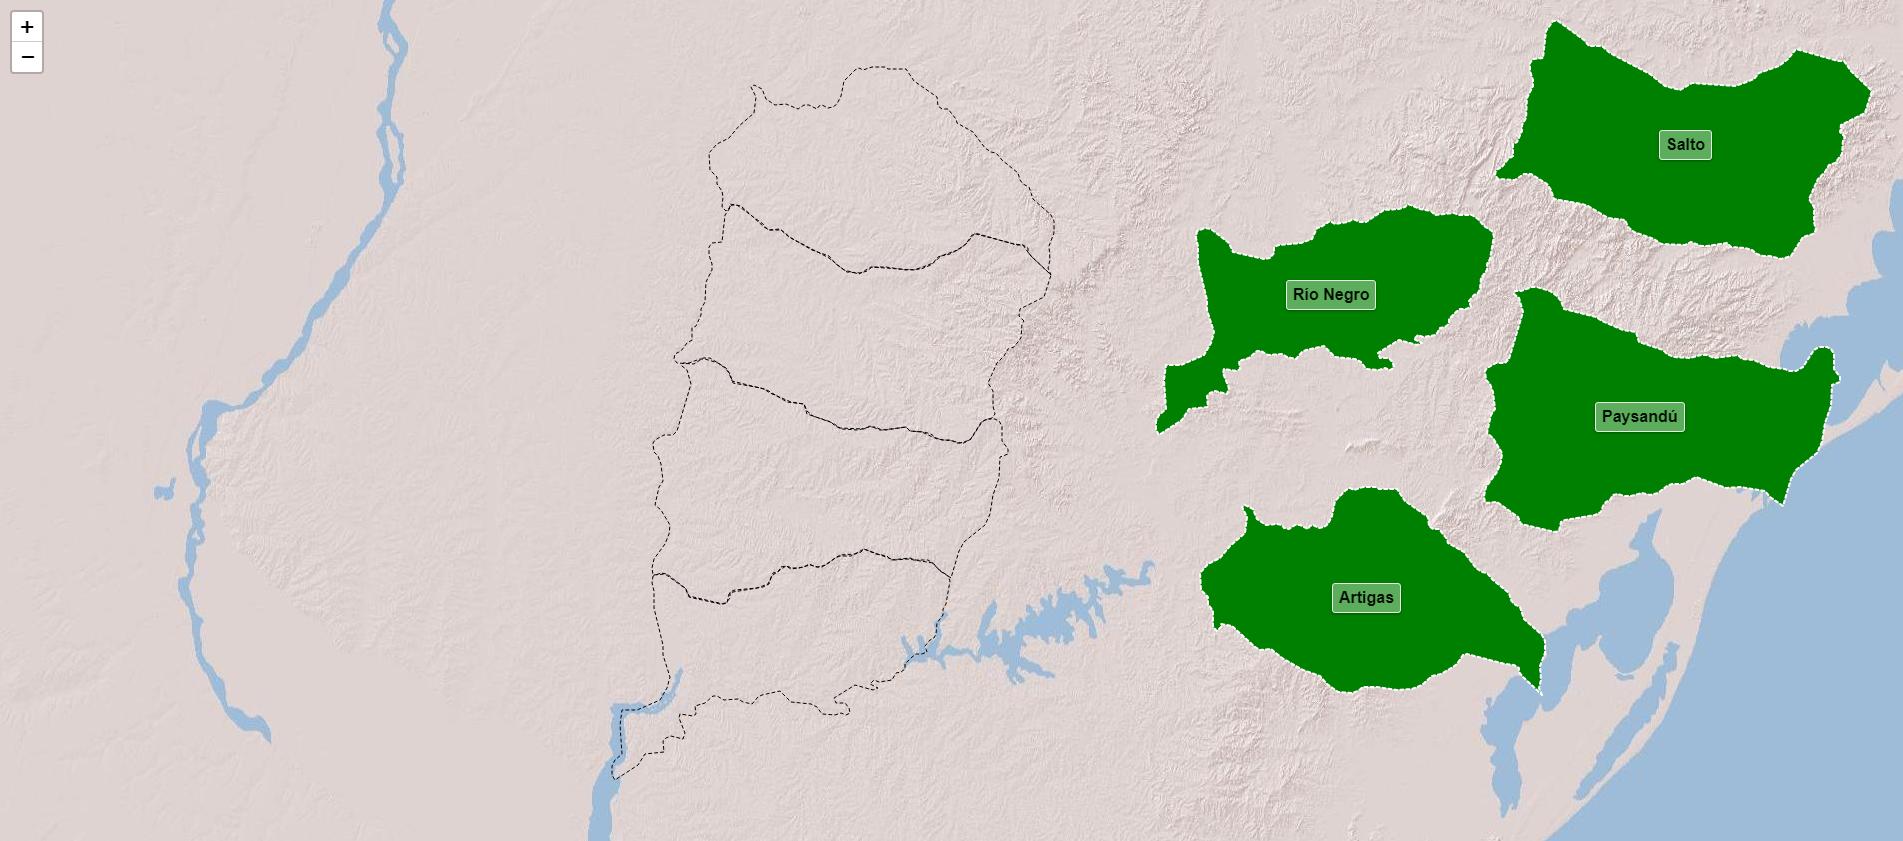 Abteilungen der Nordwestregion von Uruguay